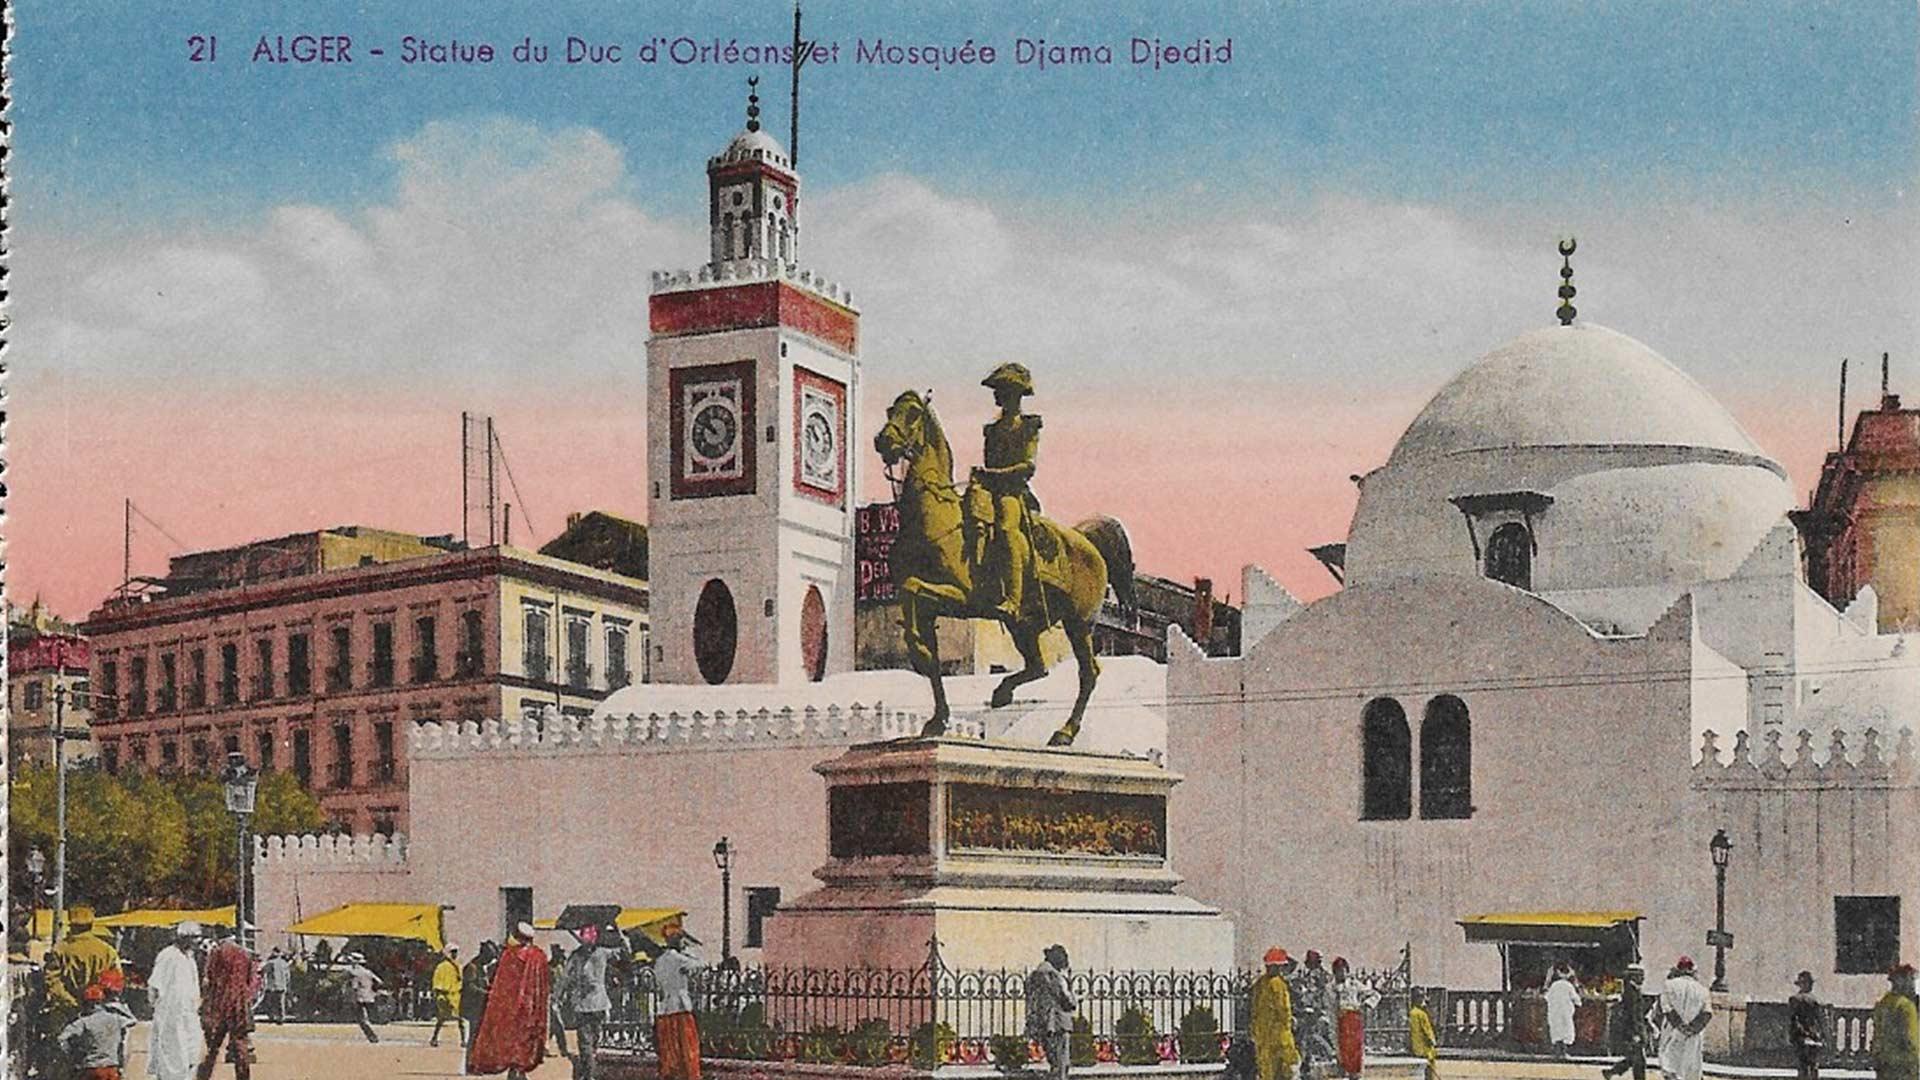 Alger-1930-1-d'Orléans